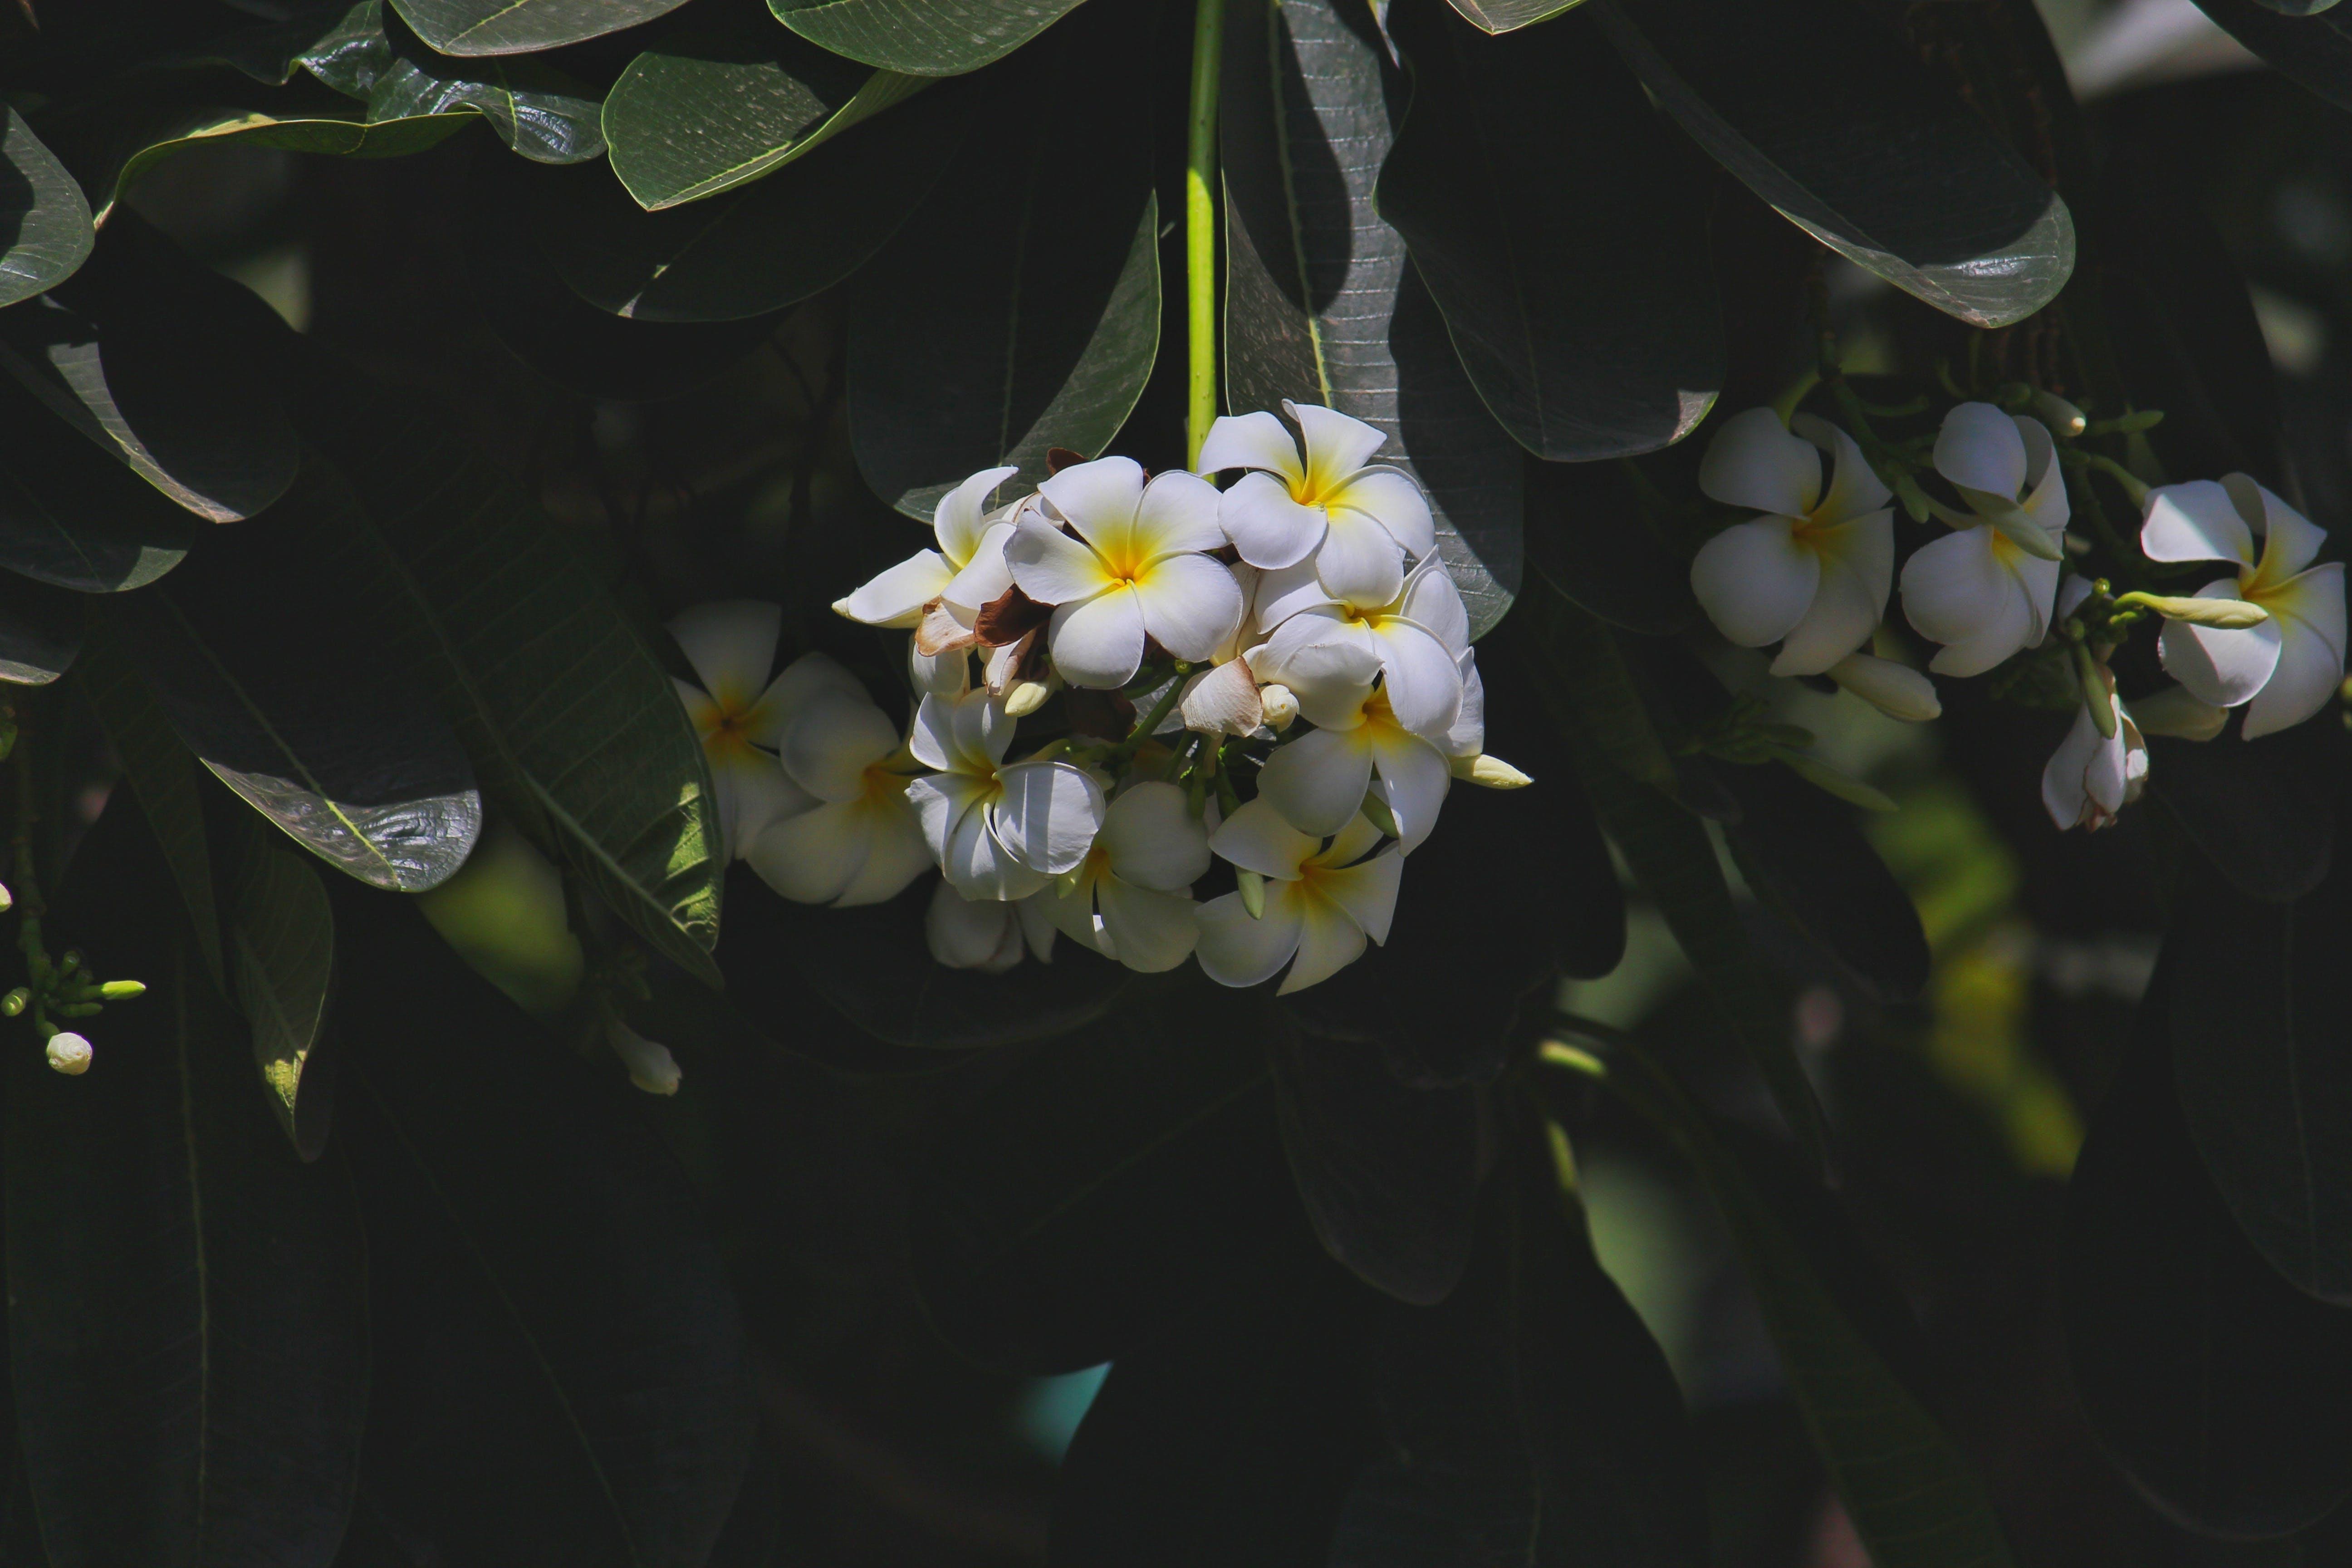 공원, 꽃, 꽃이 피는, 꽃잎의 무료 스톡 사진